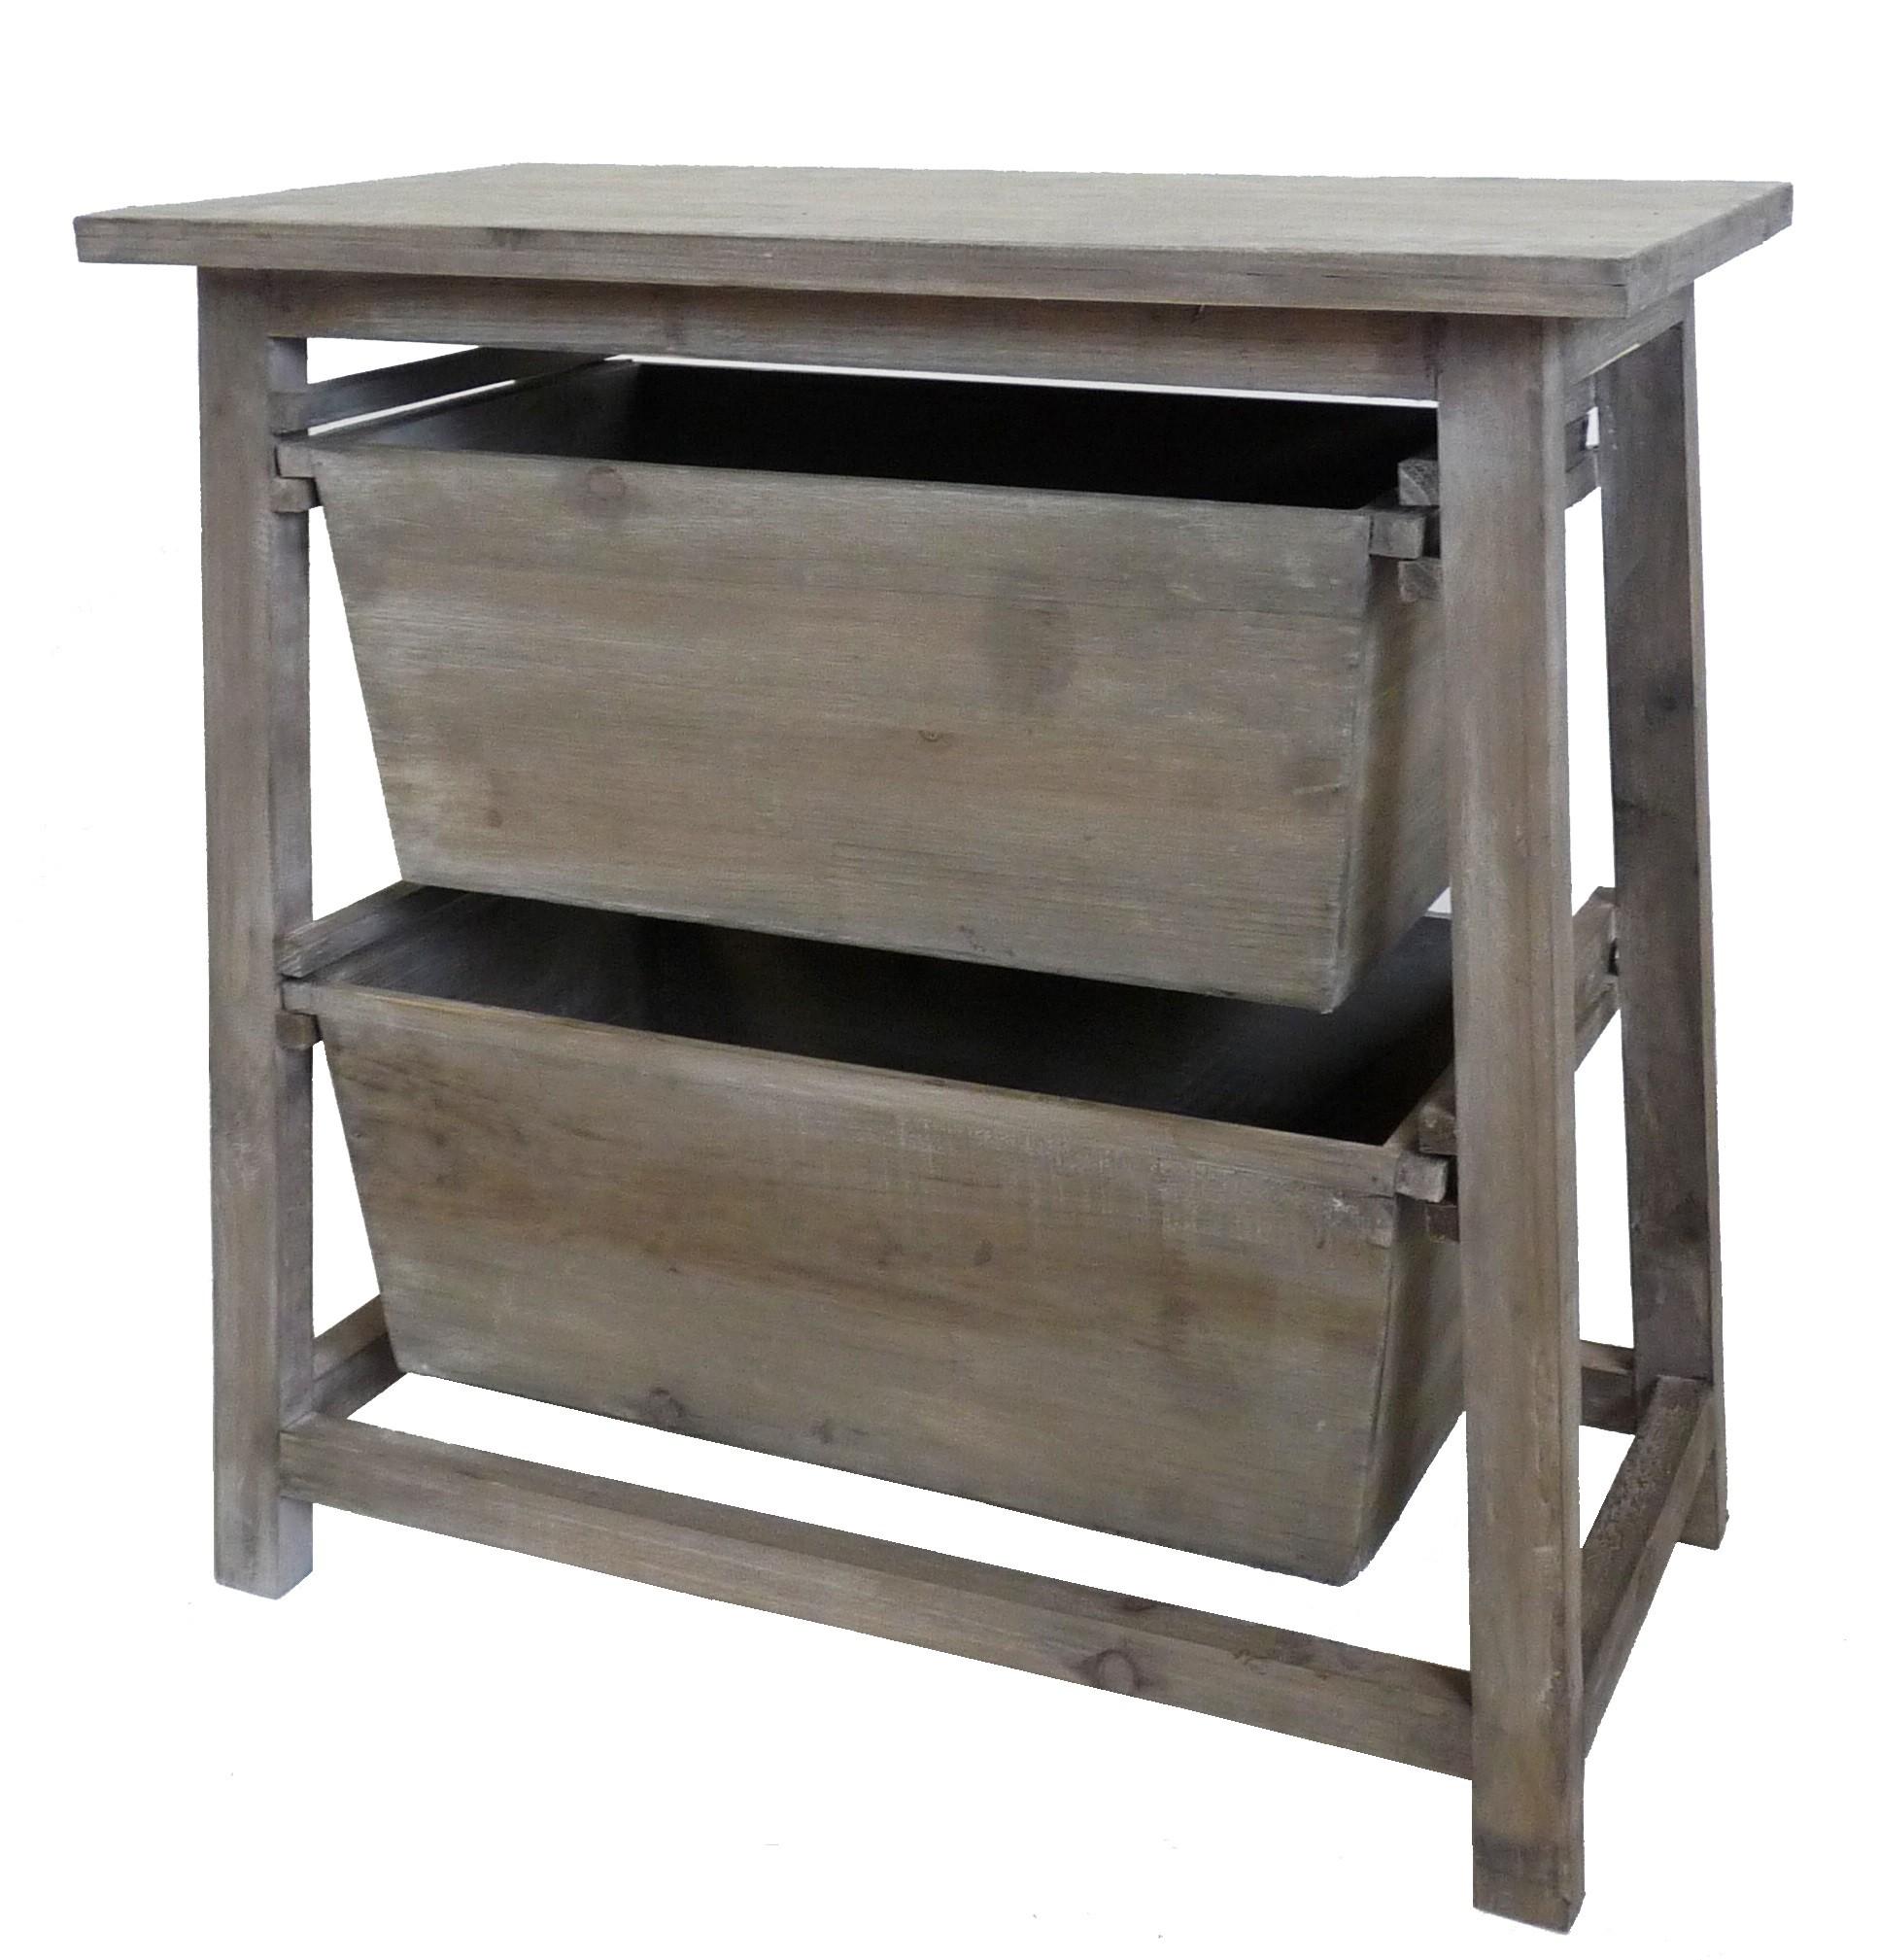 grande desserte cuisine. Black Bedroom Furniture Sets. Home Design Ideas